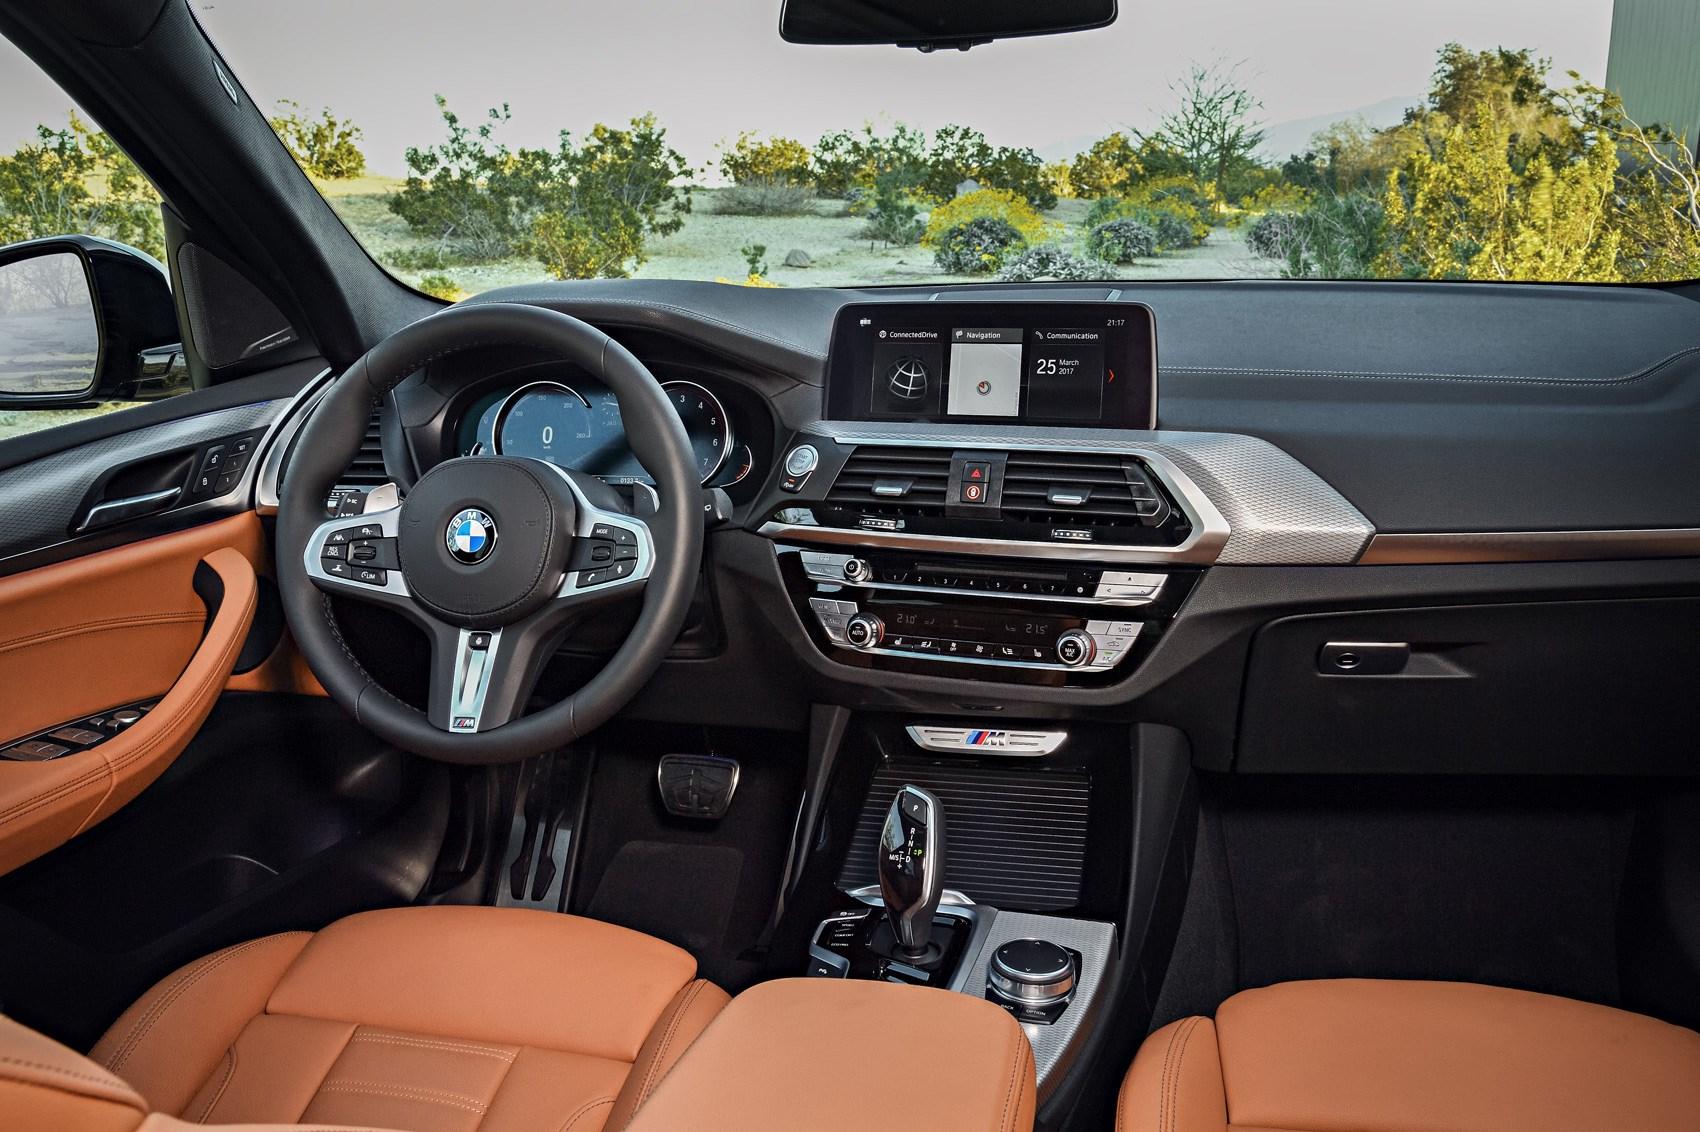 New BMW X3 SUV revealed Munichs photocopier is working fine by